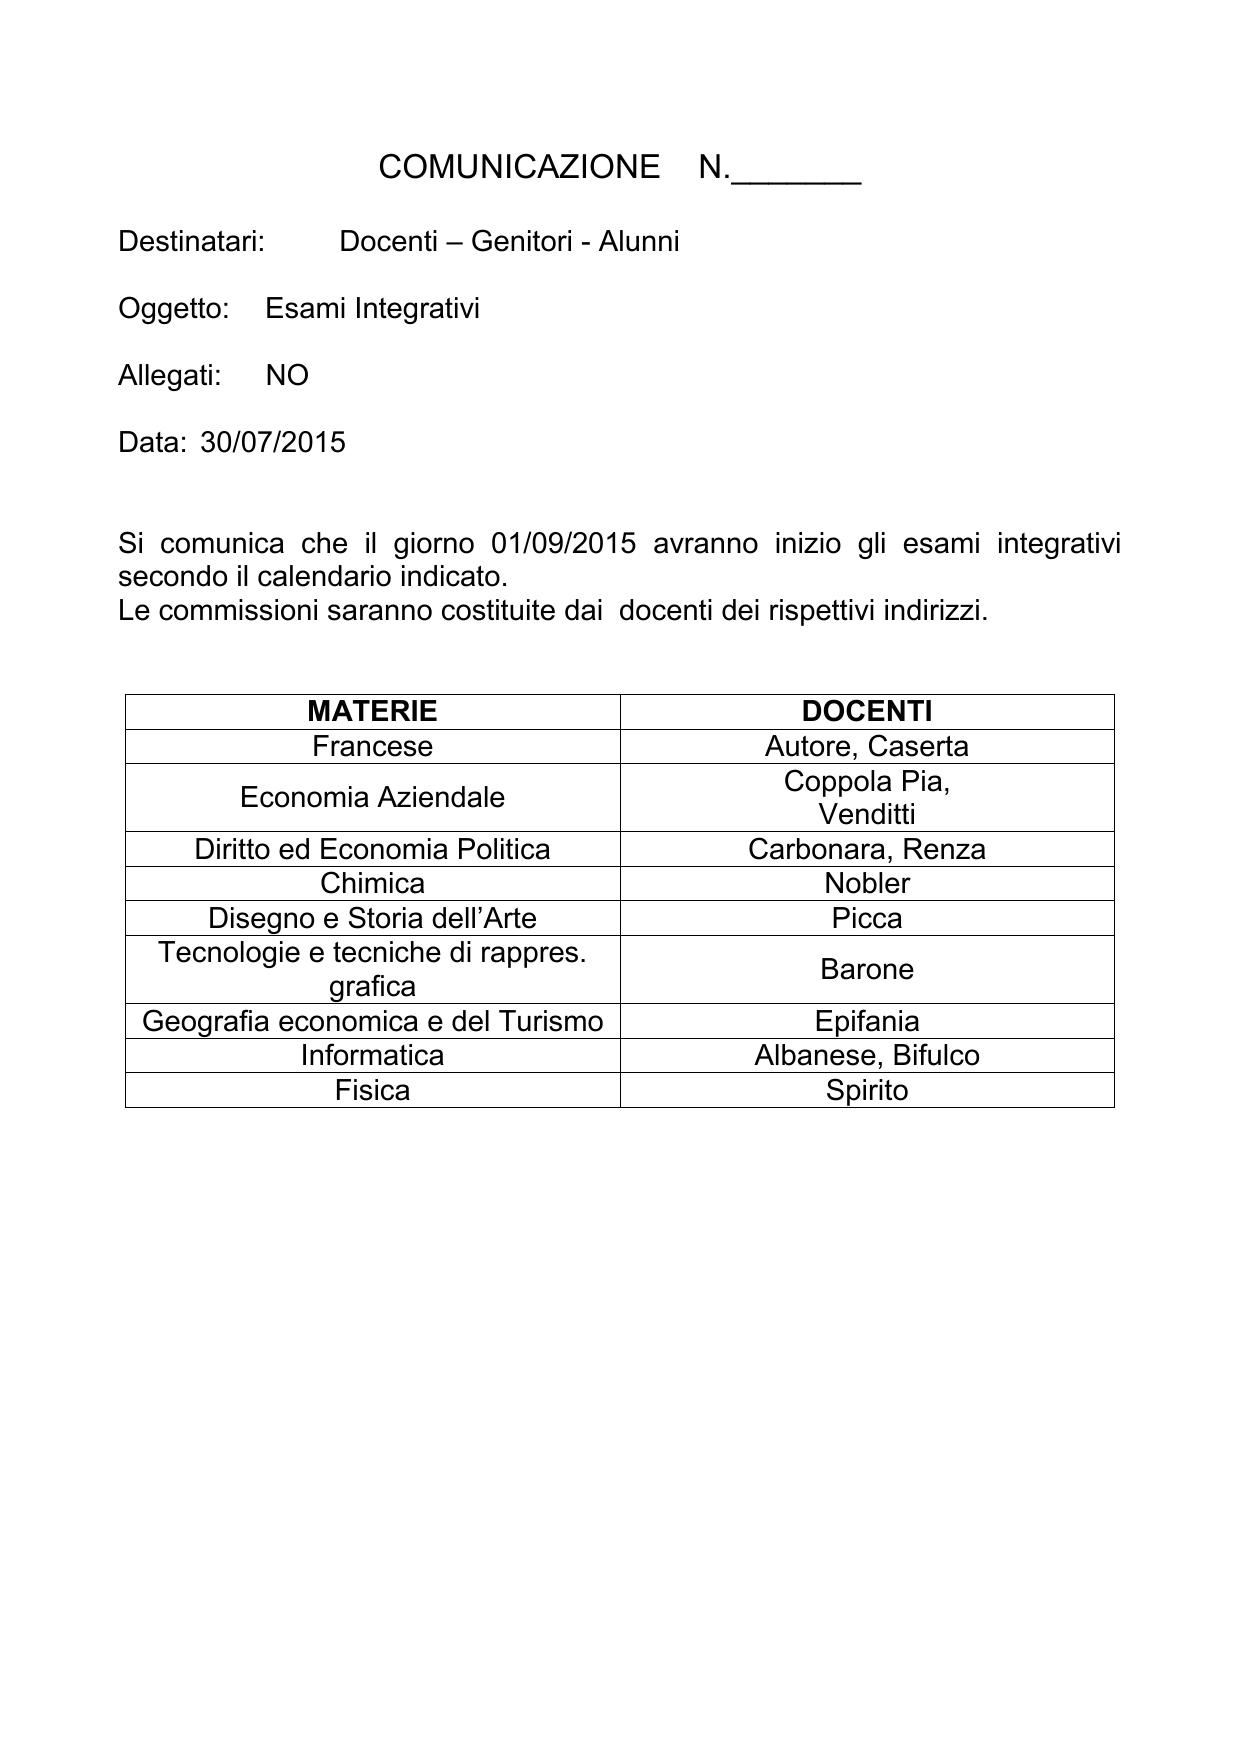 Calendario Esami Unibg Economia.Esami Integrativi